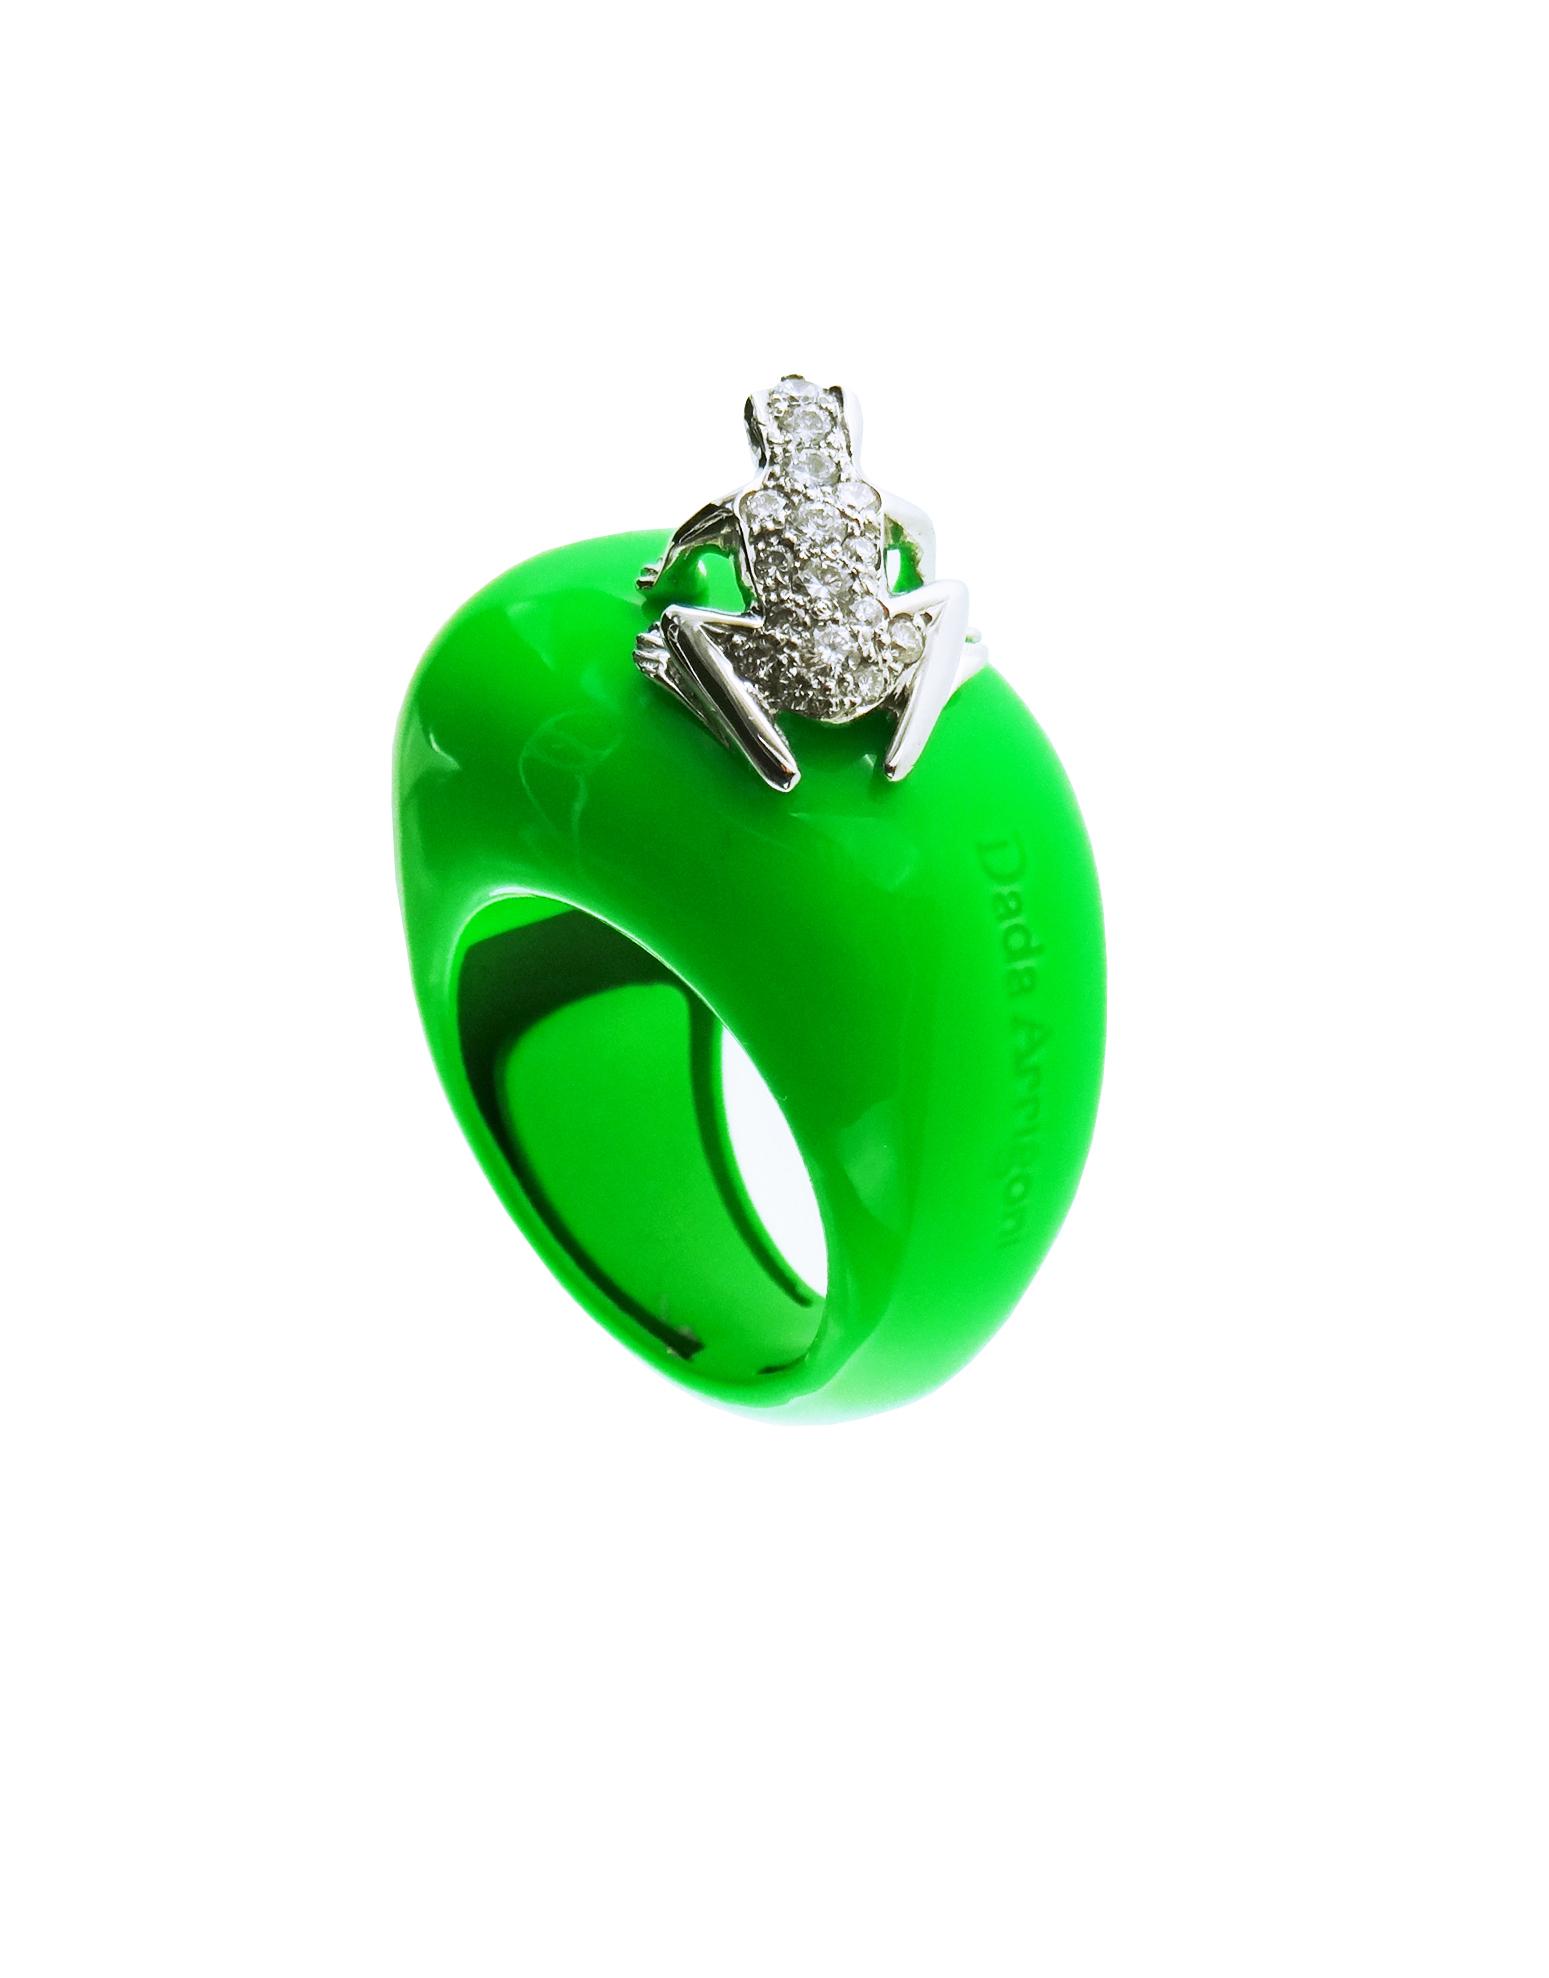 Anello base media in cataforesi Fluo verde, oro bianco 18k e diamanti